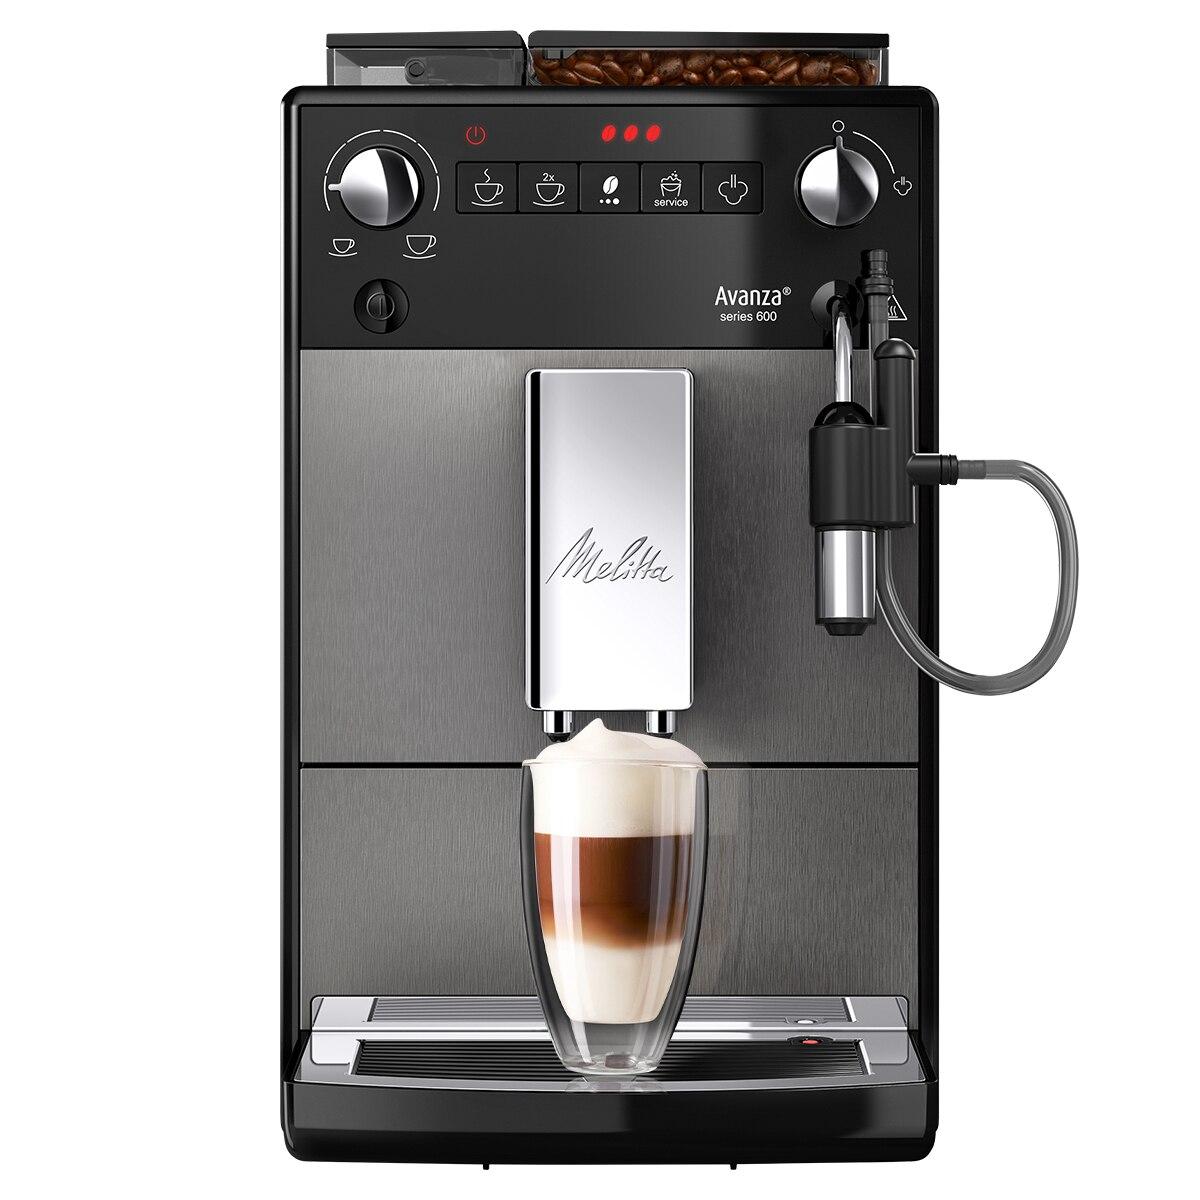 Fotografie Espressor Automat Melitta® Avanza, 15 bar , Sistem Cappuccinatore, 5 niveluri de granulație